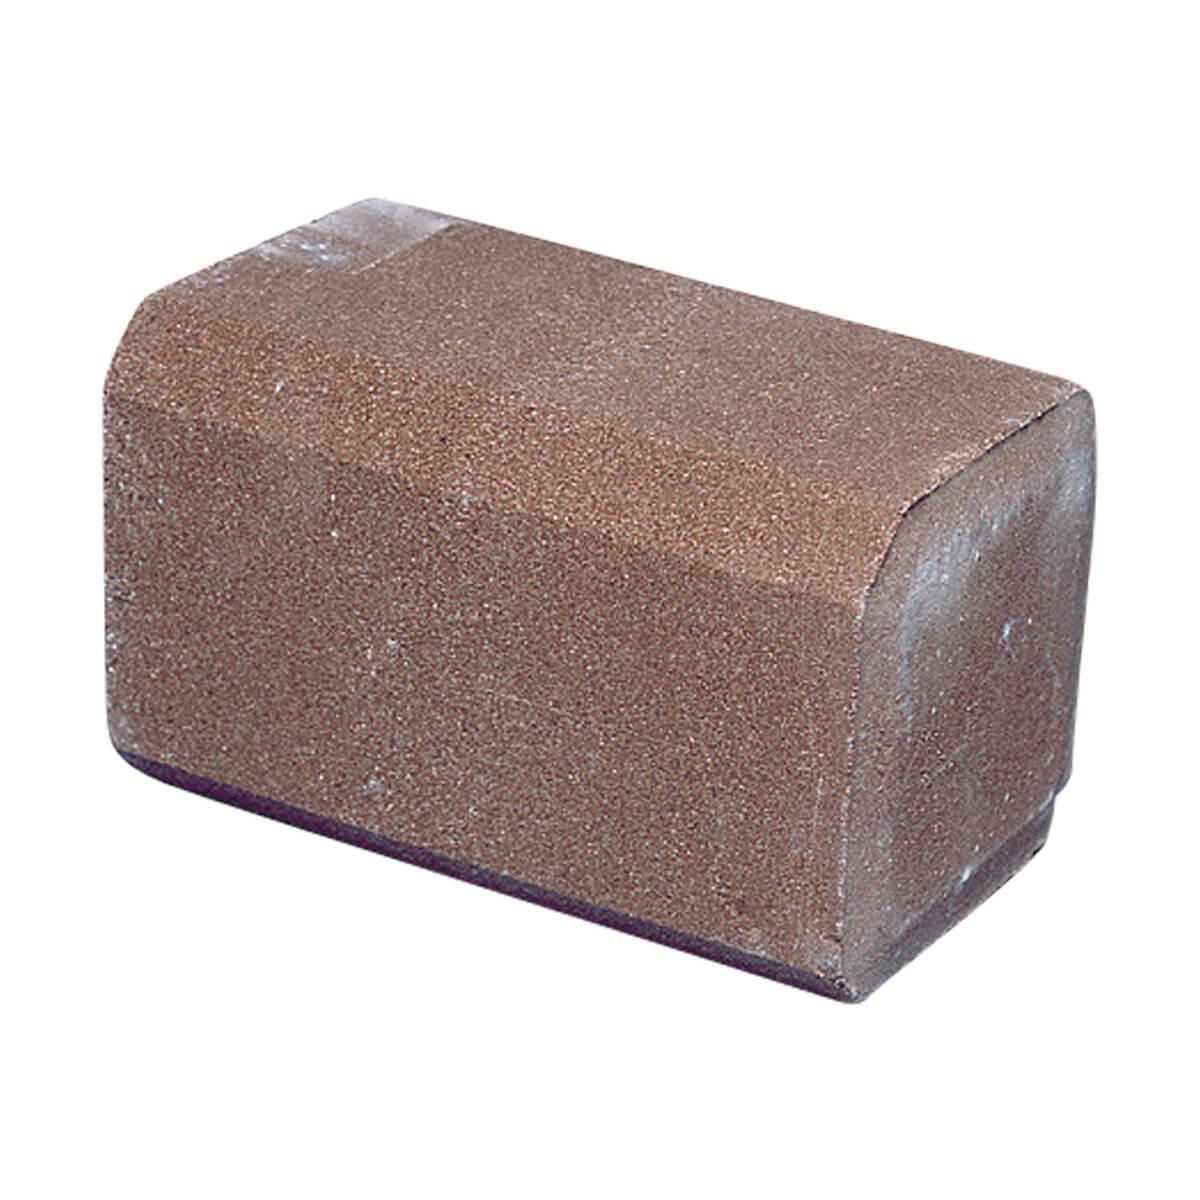 Mineral Block 2:1 - 20 kg